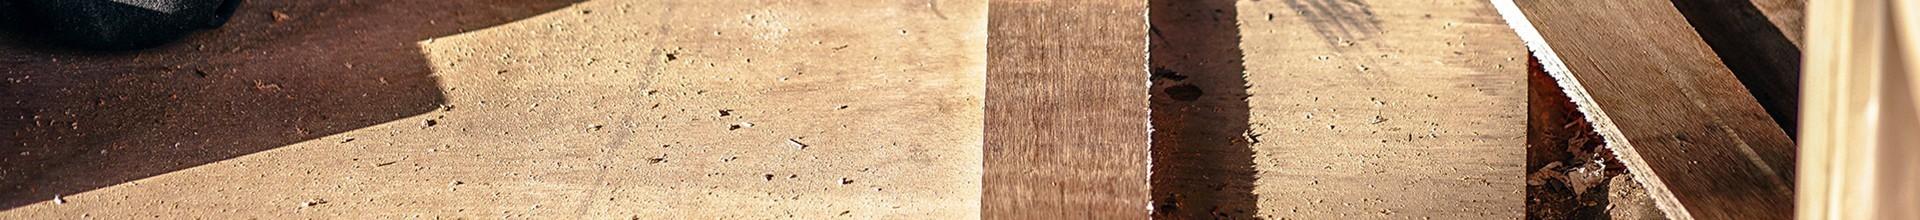 Cantal (15) Solution d'ouverture pour les petites pièces.